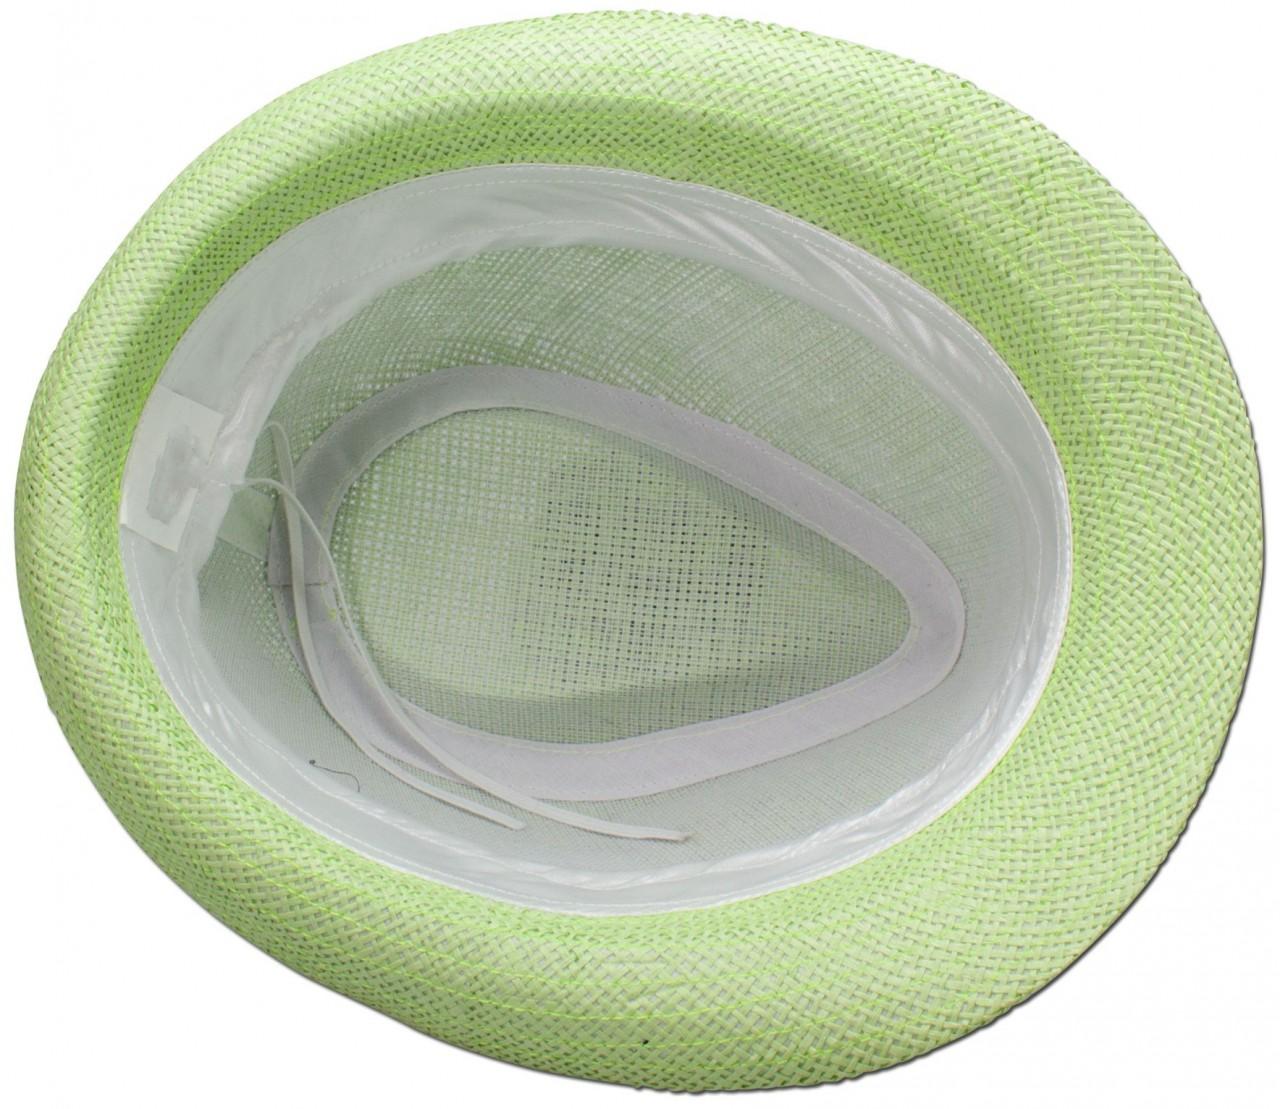 Trachten-Strohhut schlicht hellgrün